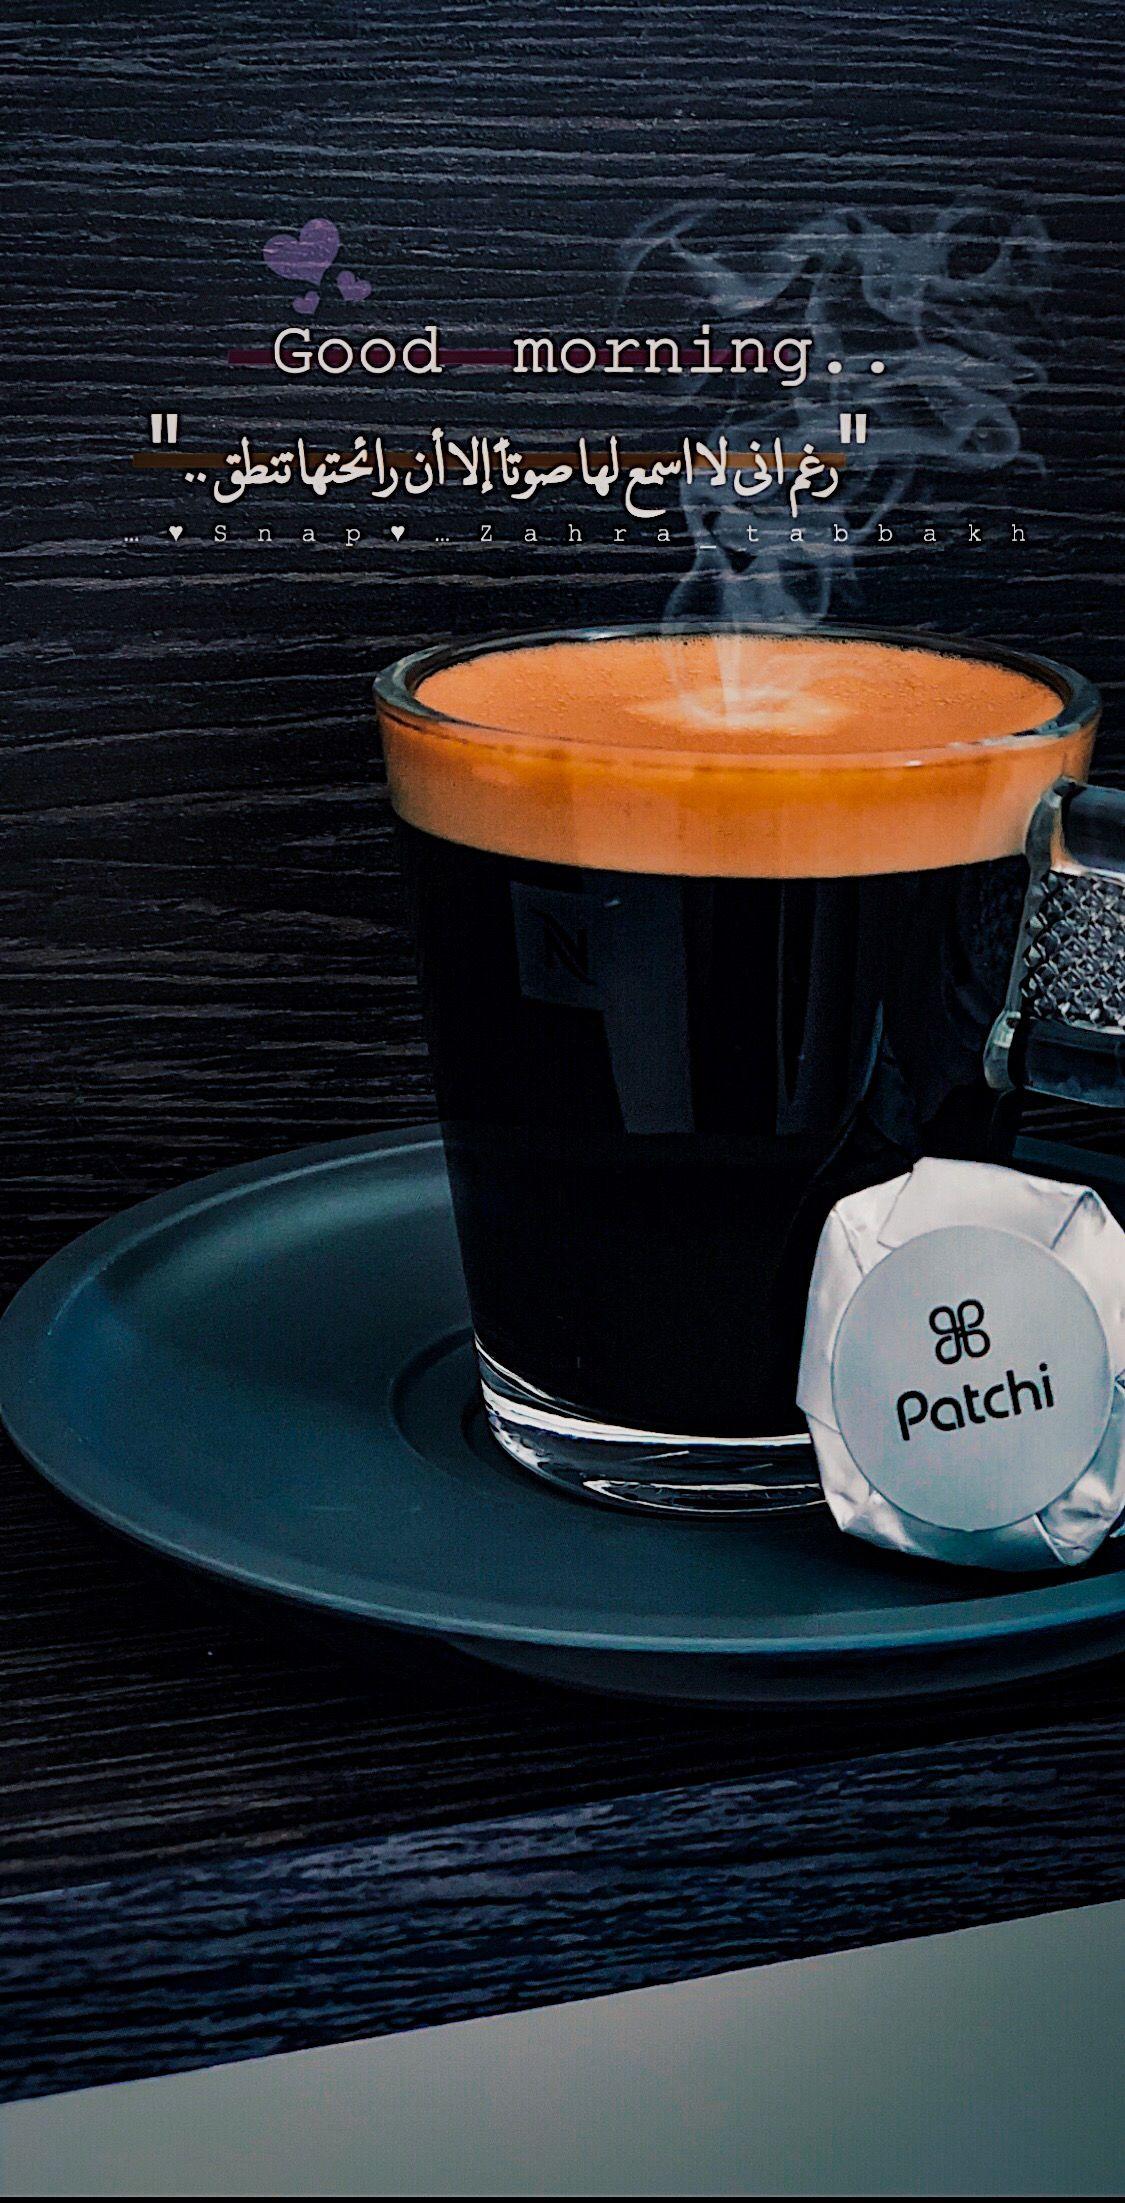 اقتباسات خواطر كلام جميل كلماتي قهوتي قهوةالصباح قهوةالمساء قهوةوكتاب Coffee Love Quotes Coffee Words Coffee Quotes